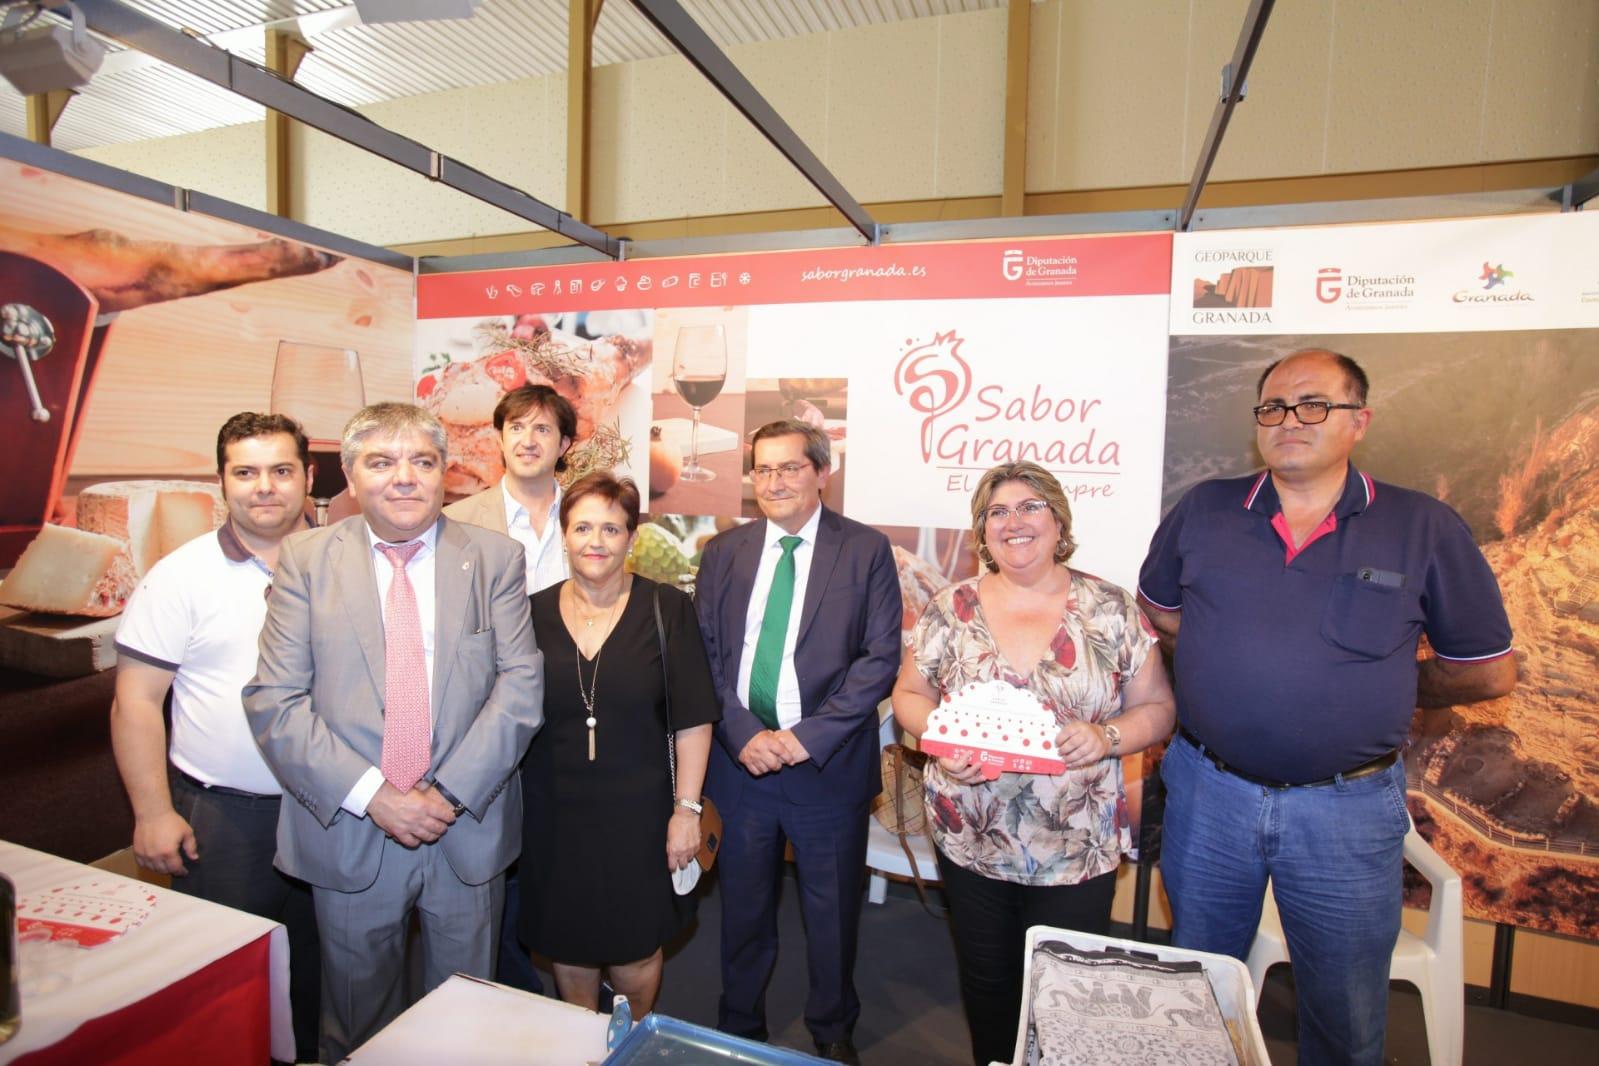 Presentación Sabor Granada en la Feria Agroganadera de Huéscar 2019 - Sabor Granada